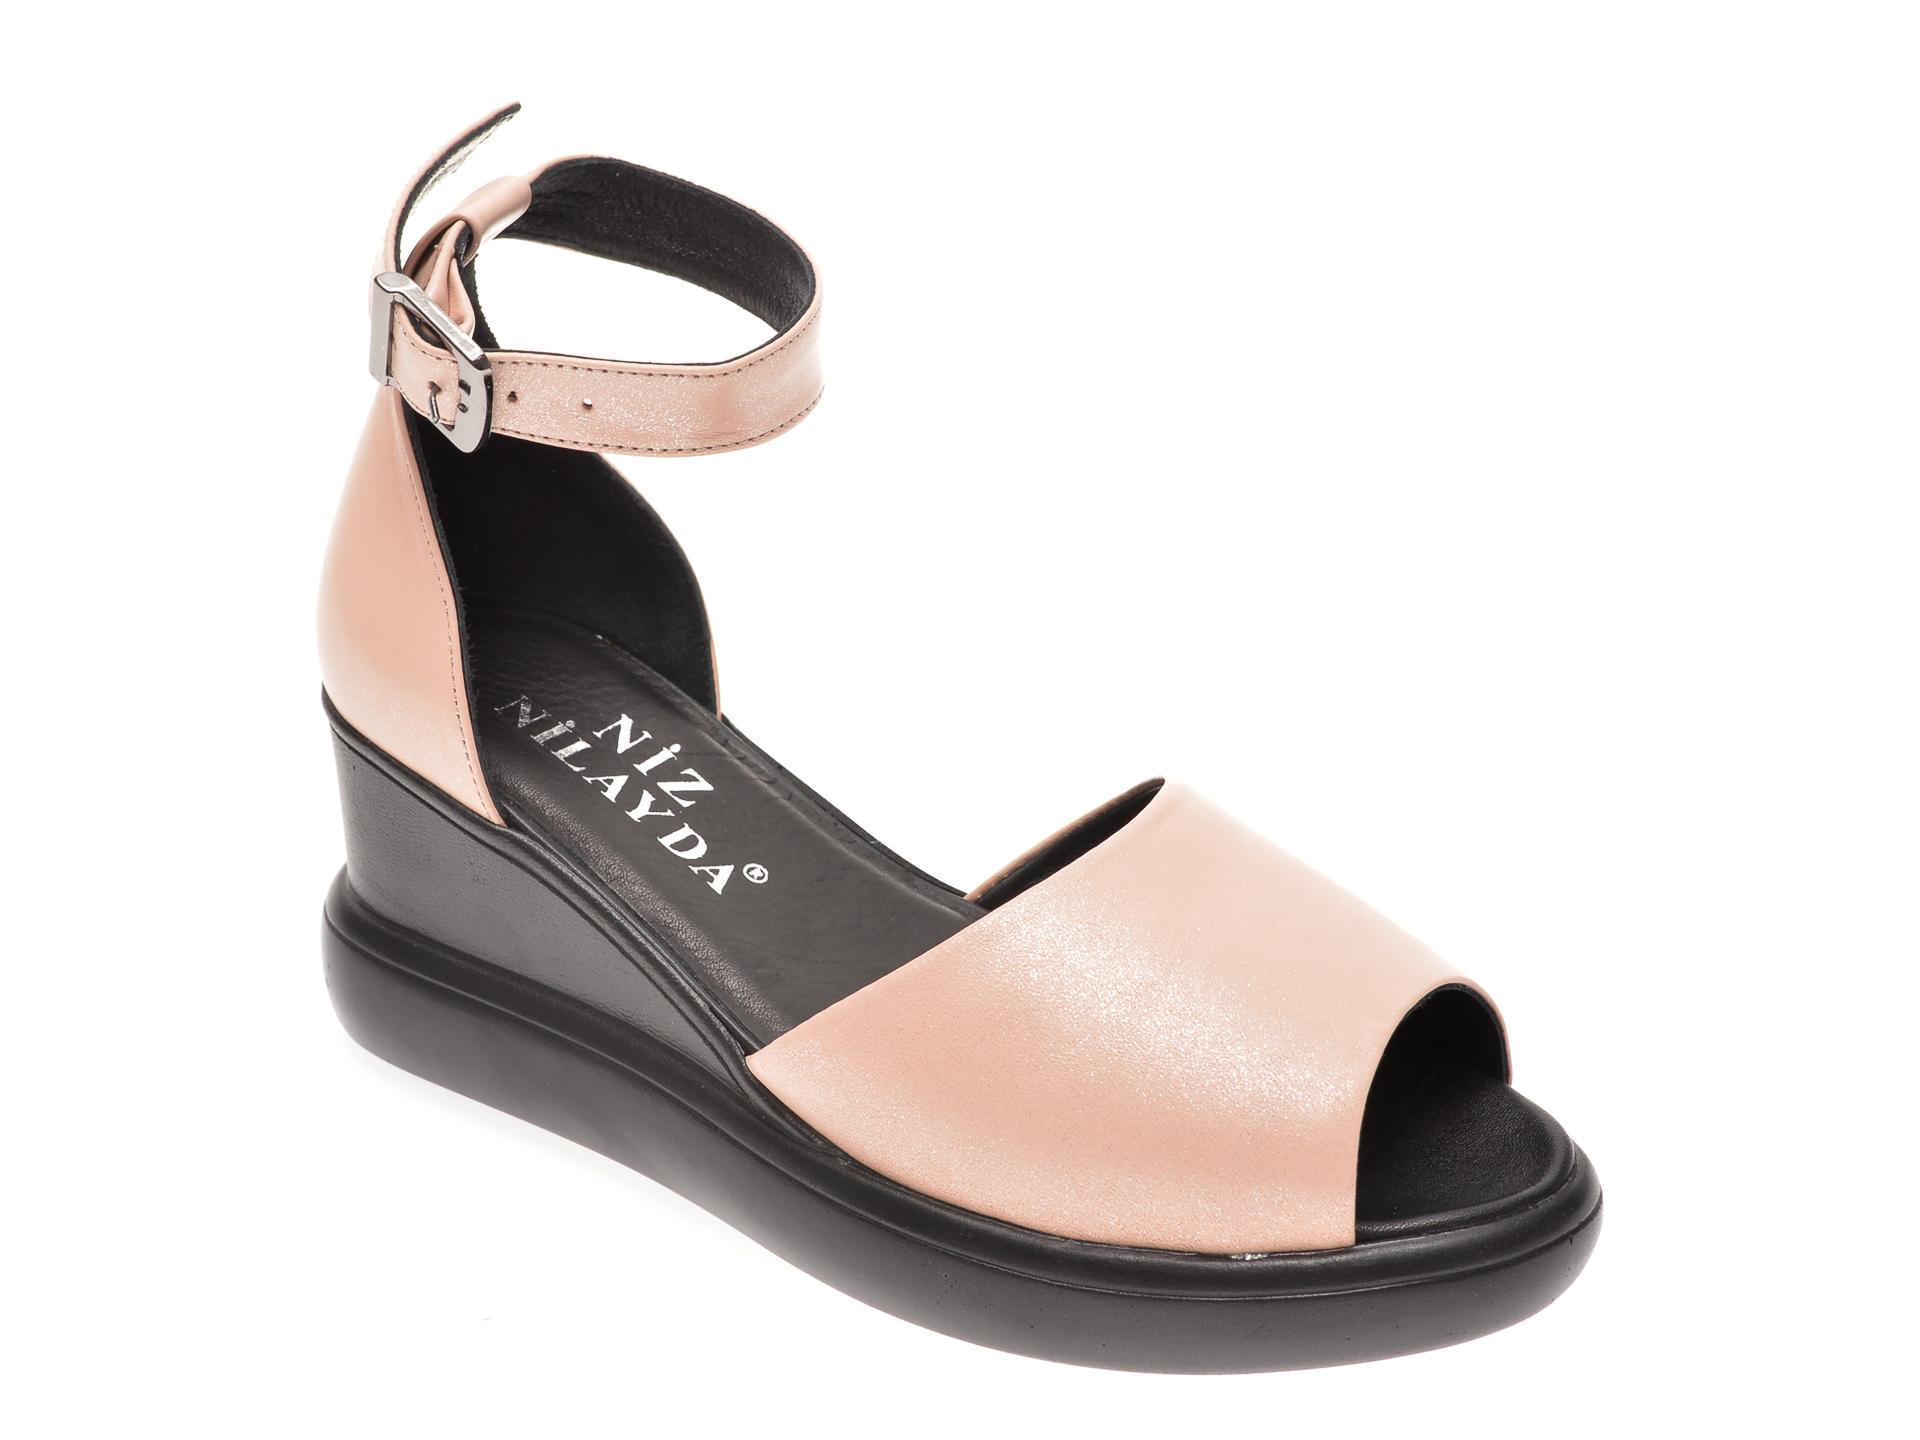 Sandale MISS LIZA nude, 1182605, din piele naturala